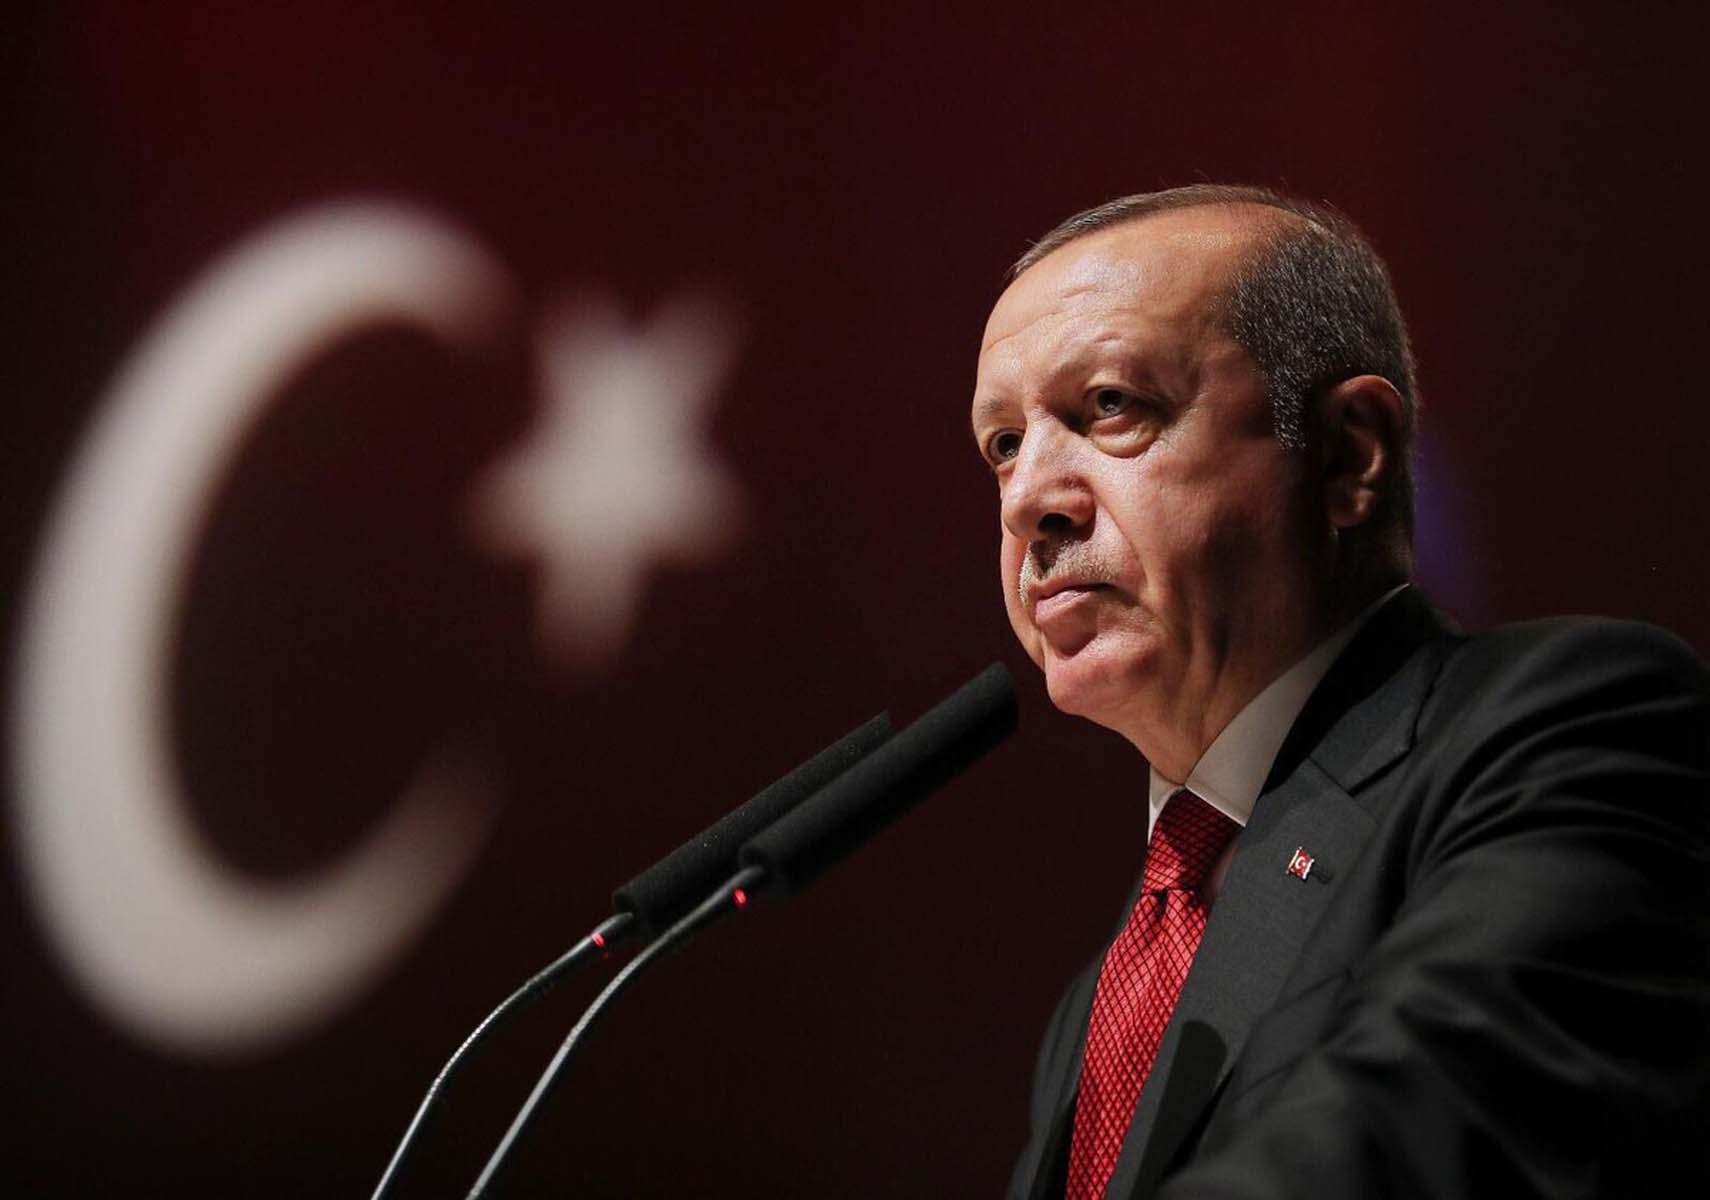 Cumhurbaşkanı Erdoğan'dan asgari ücret ve memur maaşlarıyla ilgili açıklama!